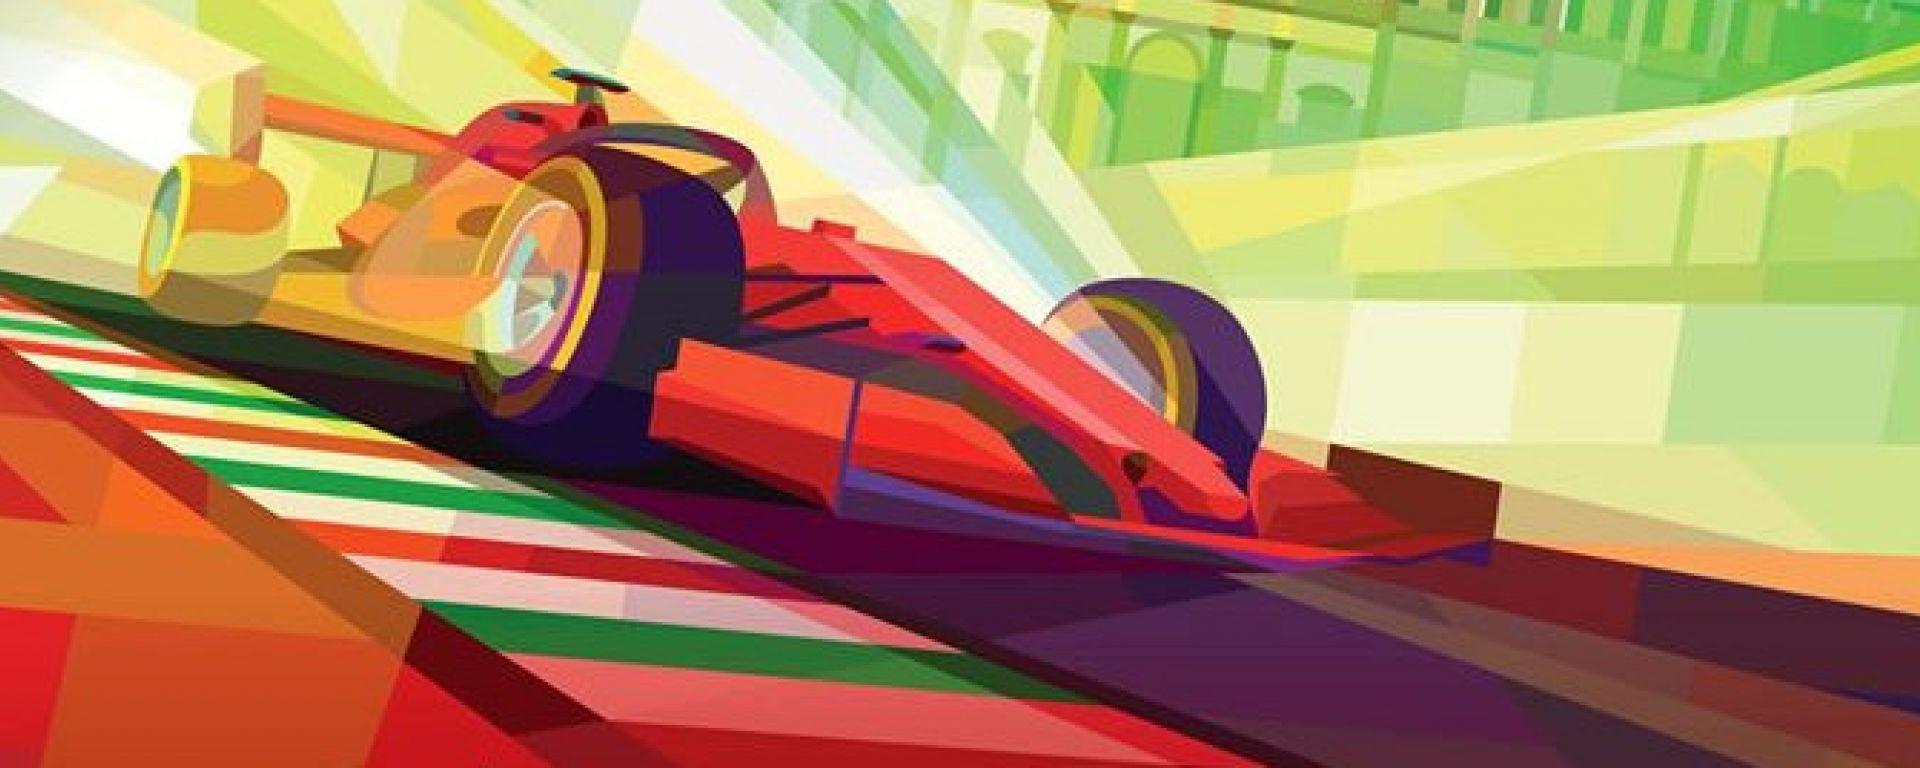 F1, GP Italia 2020: il poster della gara di Monza